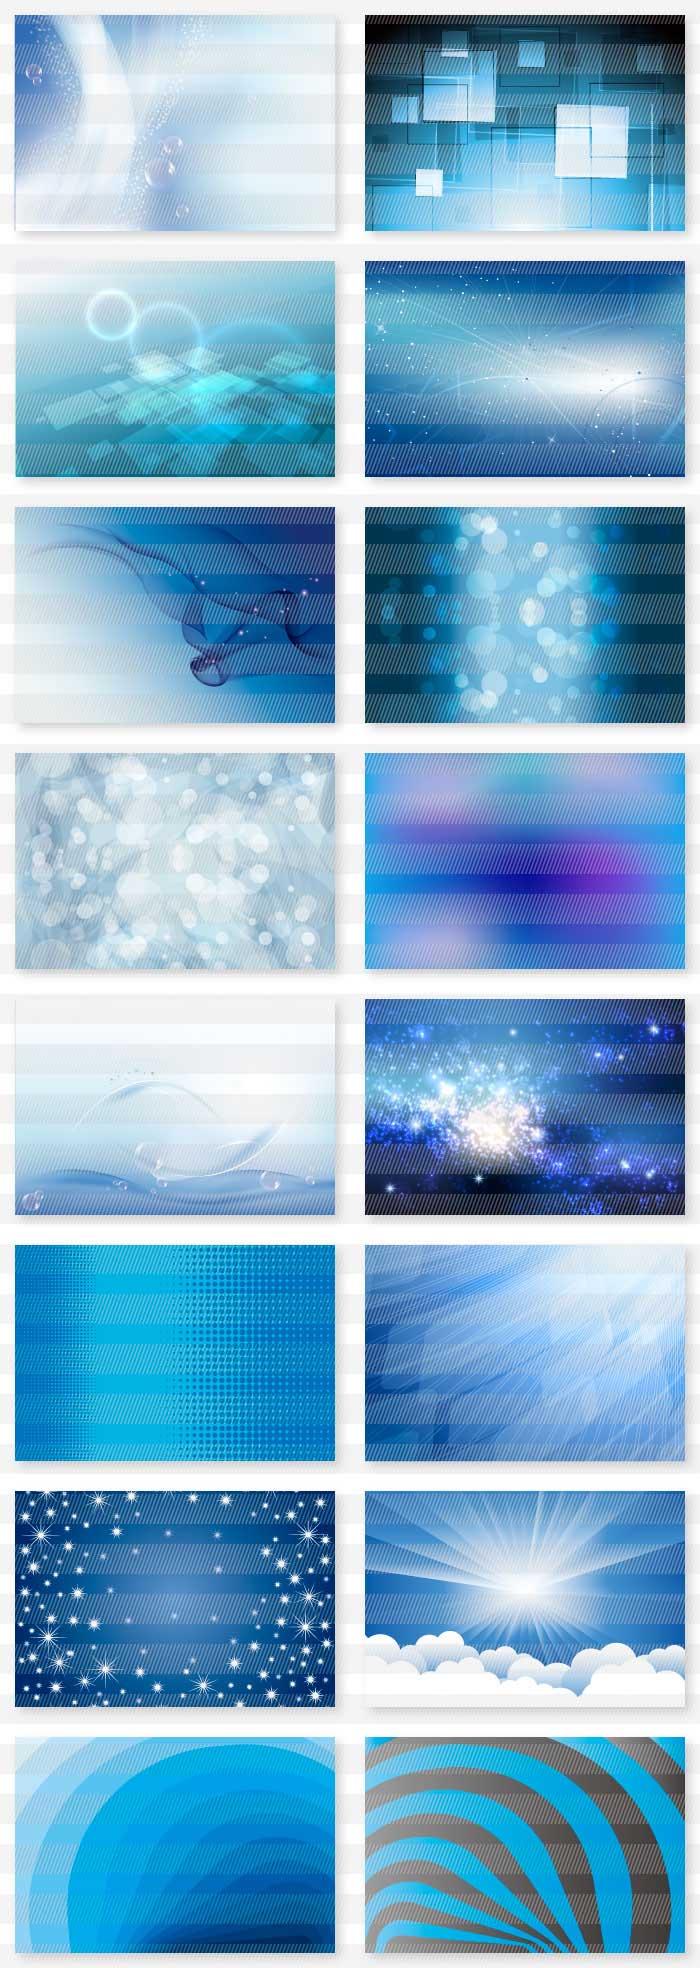 背景素材集 | illustratorの背景素材(ai・eps・word・excel・powerpoint